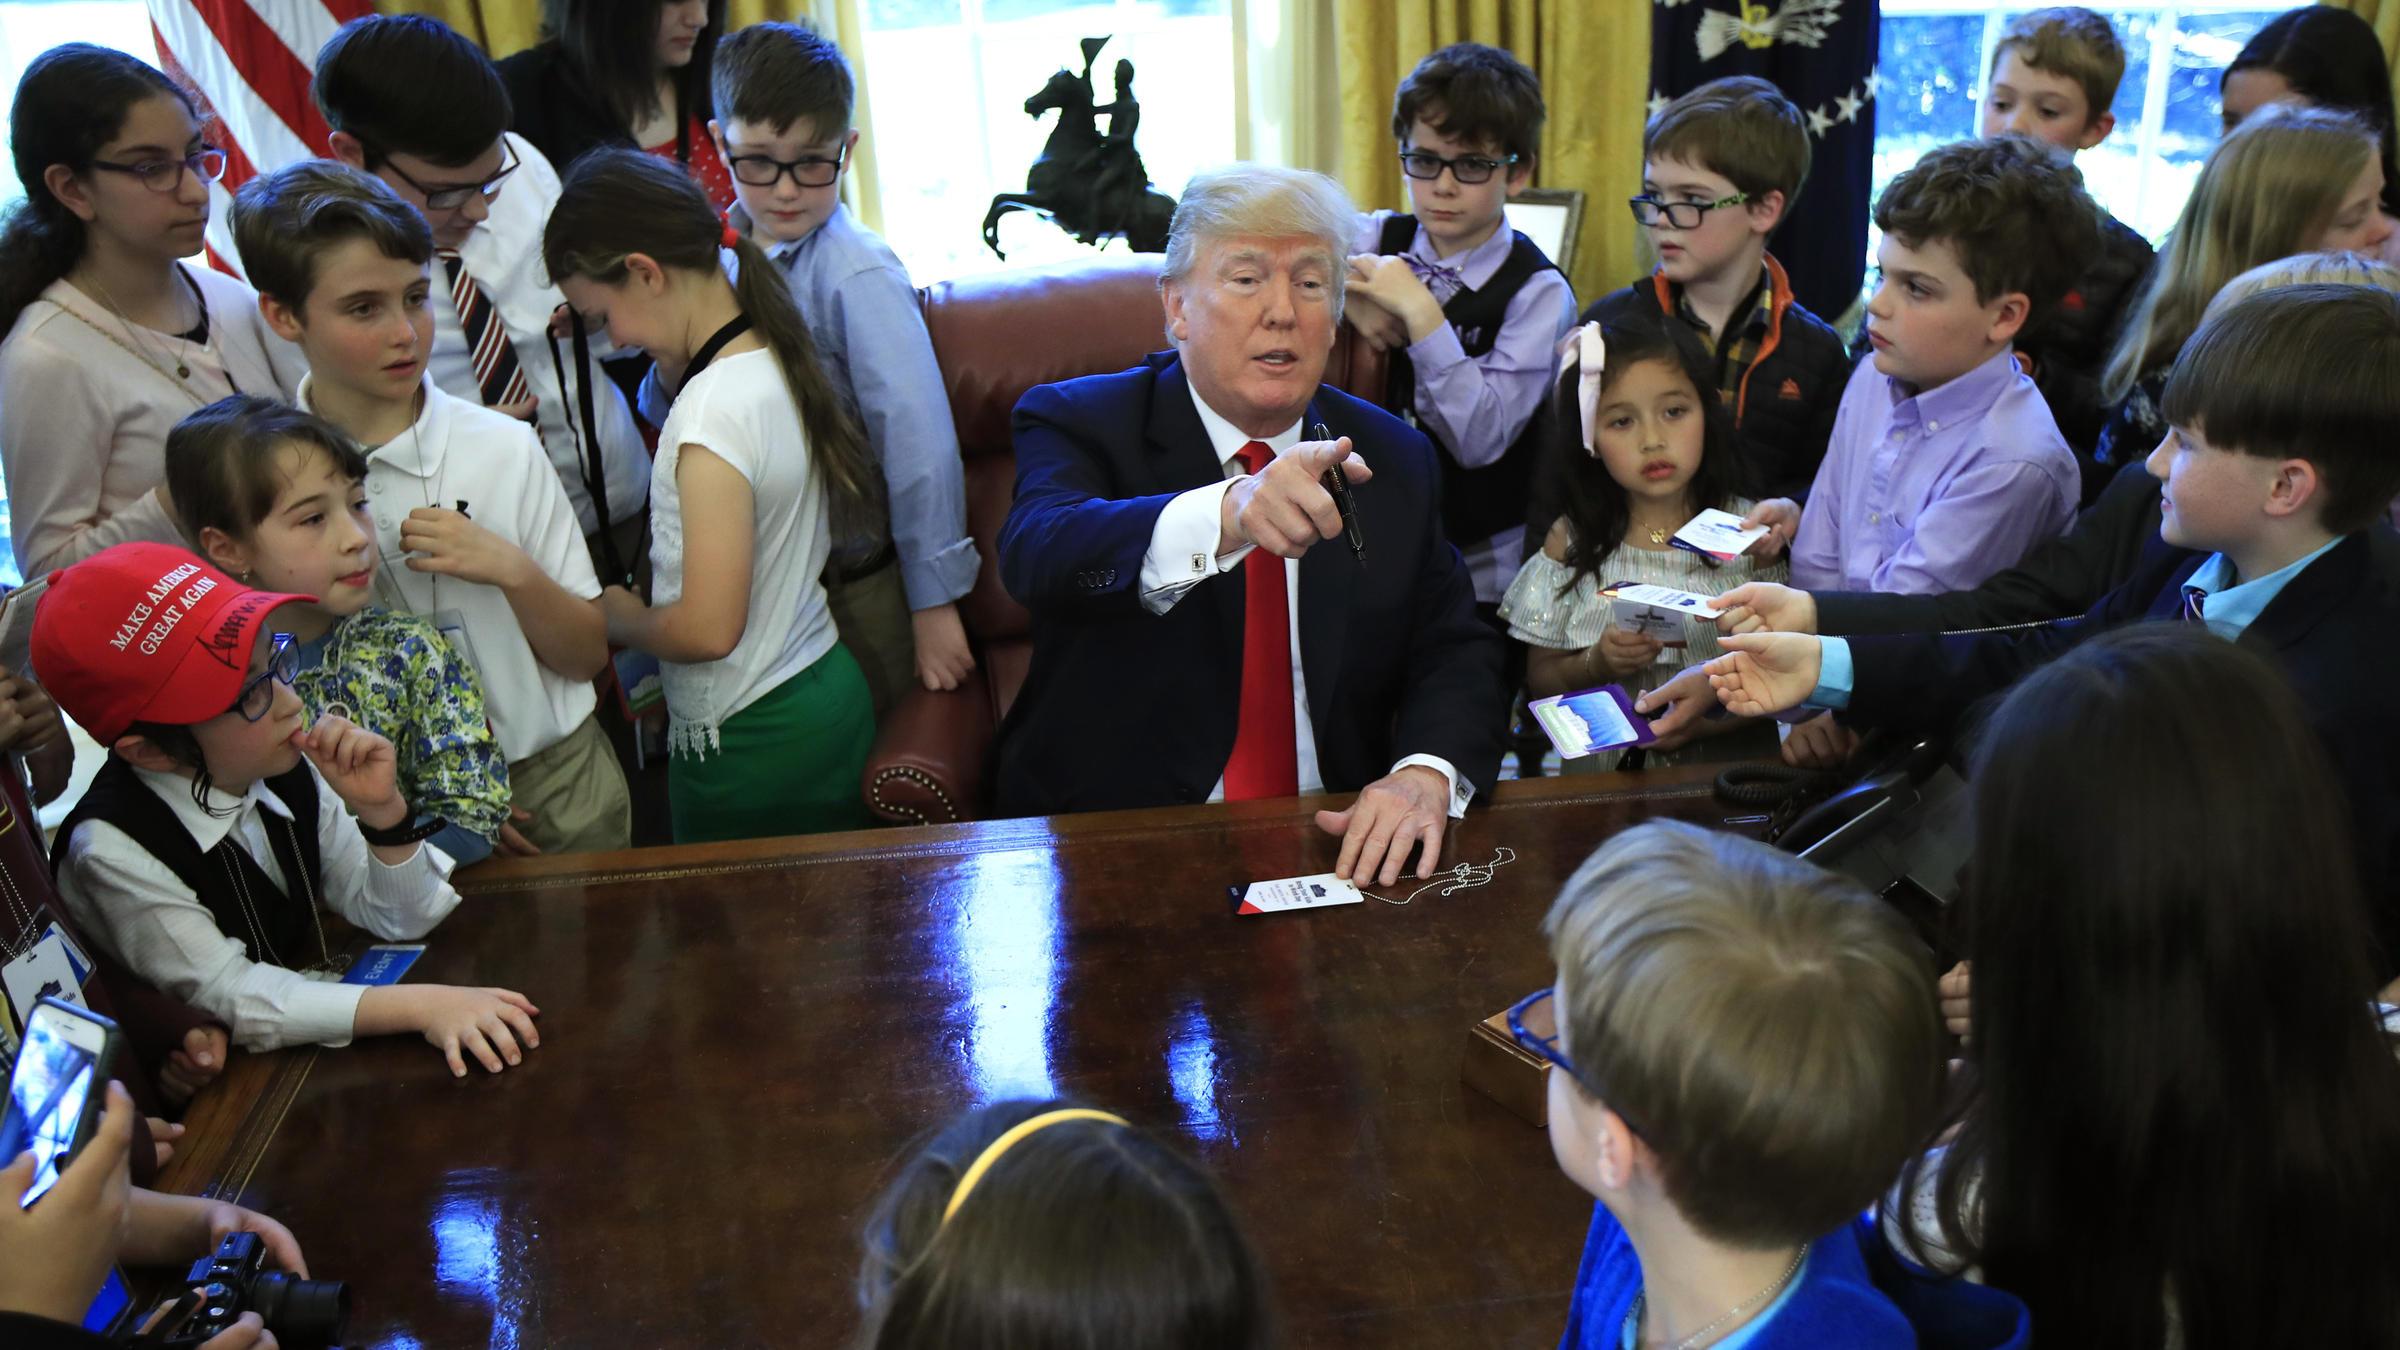 Reporters press Sarah Sanders on Trump tweet about 'breeding'